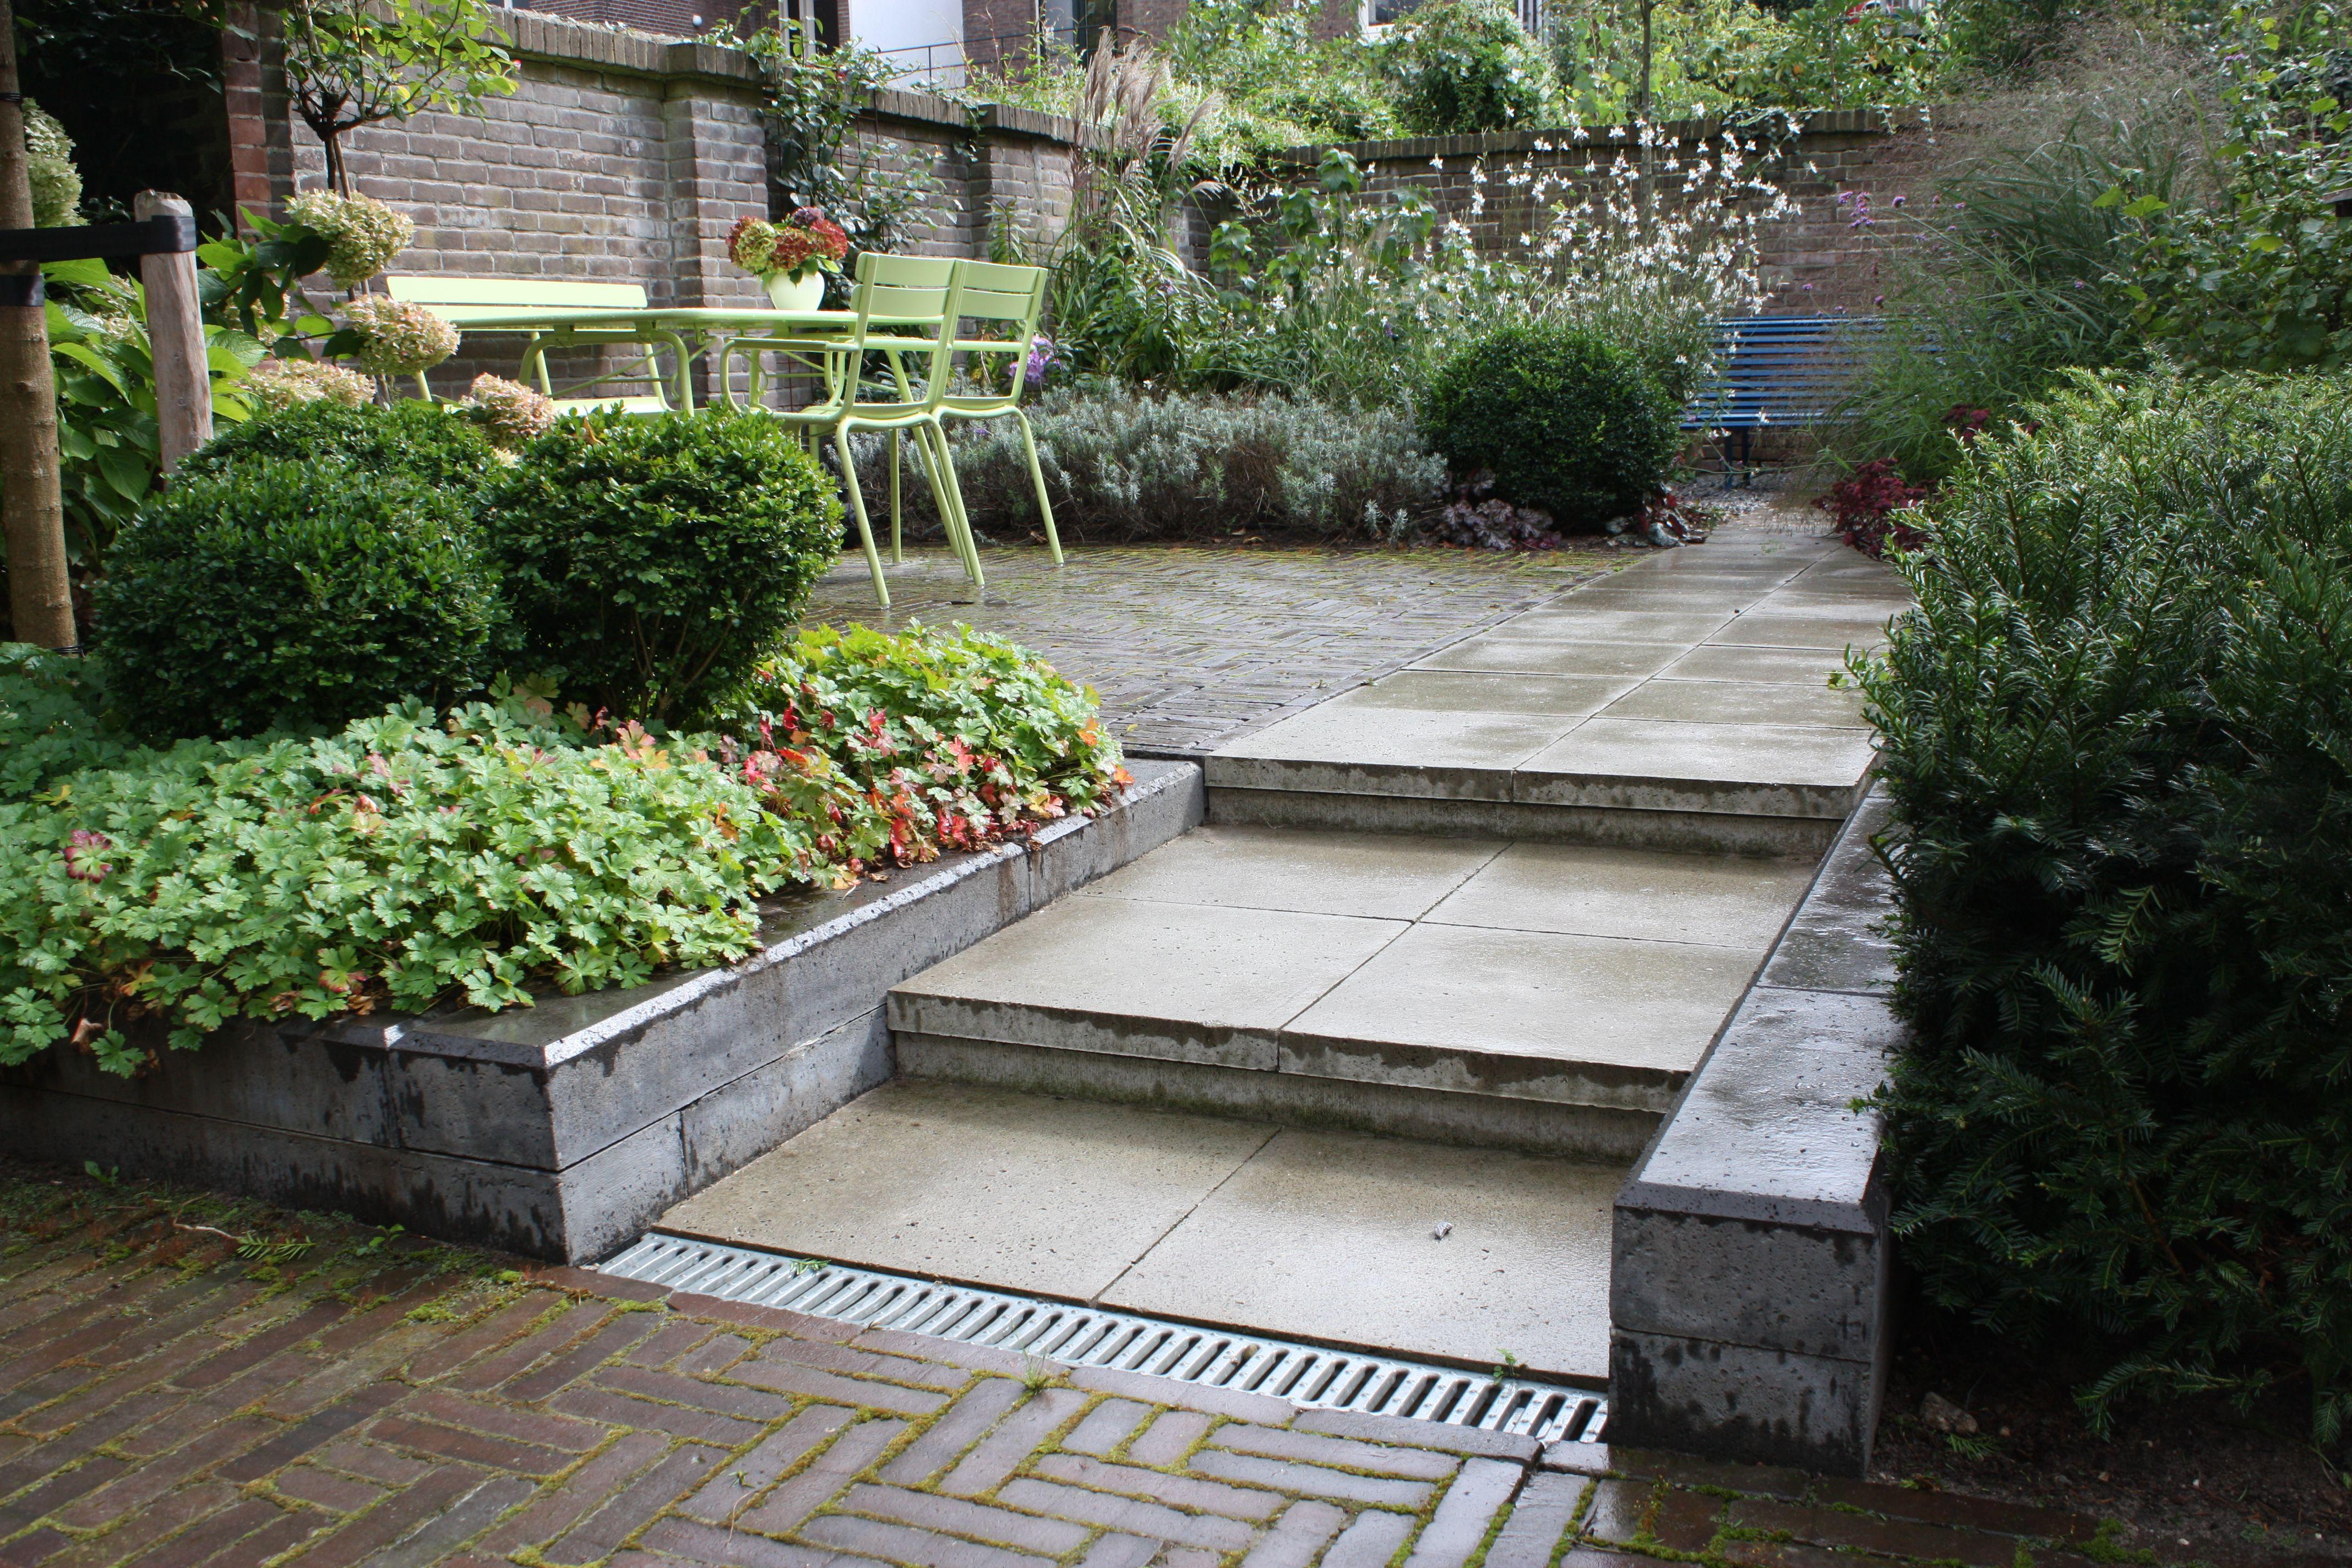 Verrassend kleine tuin indelen - Google zoeken | Tuin zonder gras DD-41